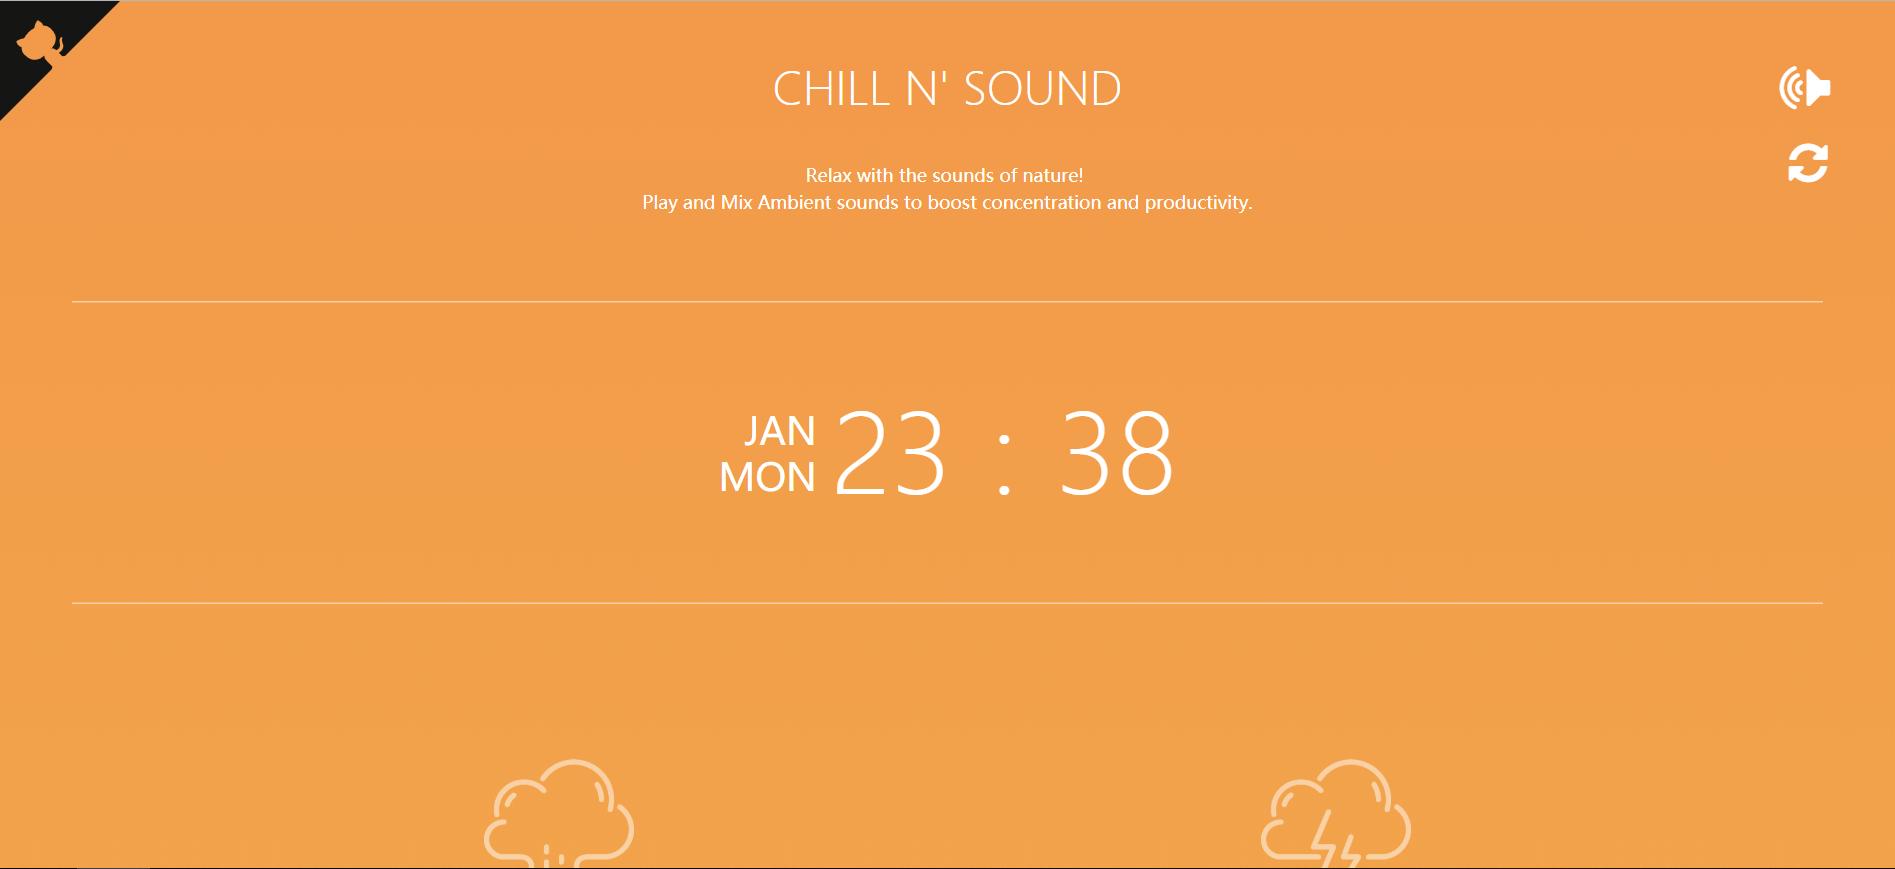 CHILLNSOUND:聆听大自然的声音